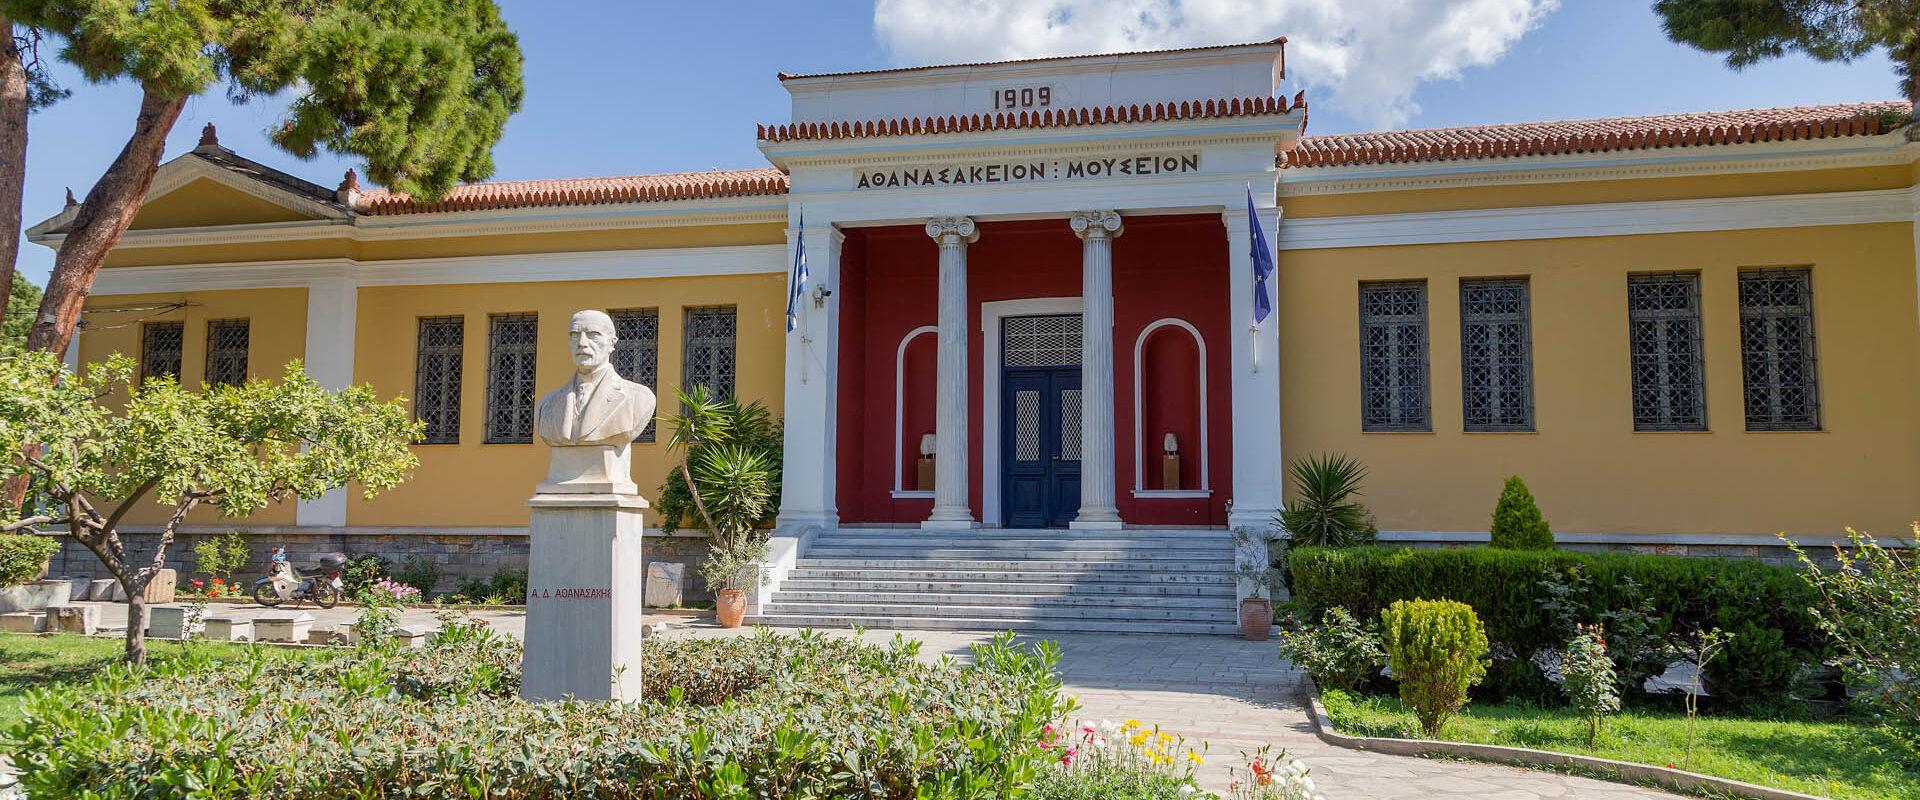 Αρχαιολογικό Μουσείο Βόλου